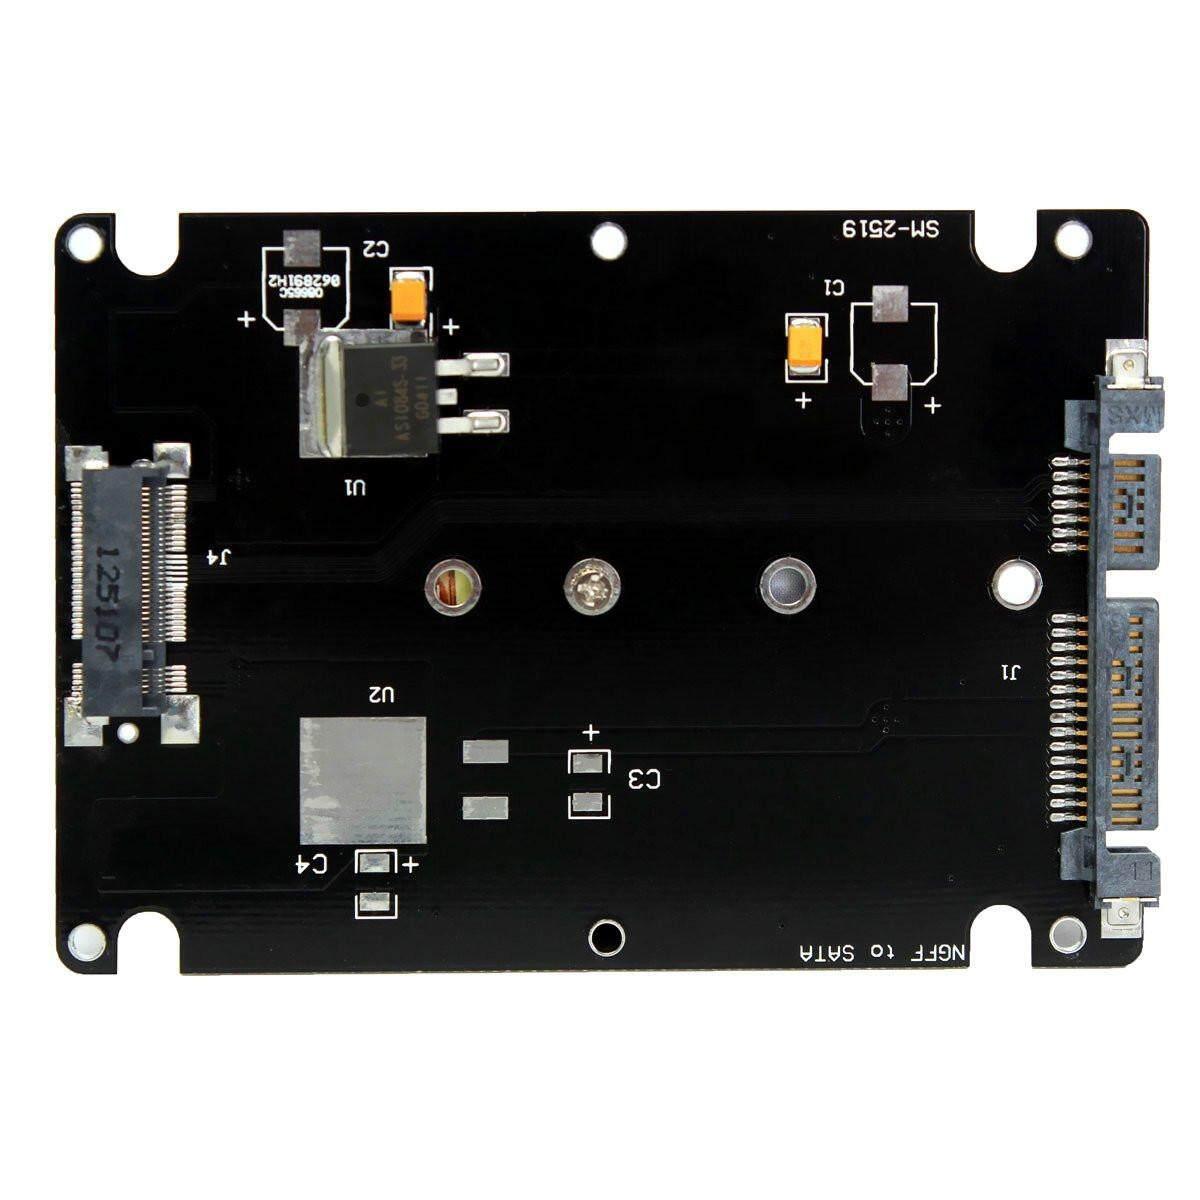 """Đánh giá M.2 NGFF (SATA) SSD 2.5 """"SATA Adapter Card 8 mét Độ Dày kèm Ốp Lưng-Đen-quốc tế Tại Channy"""